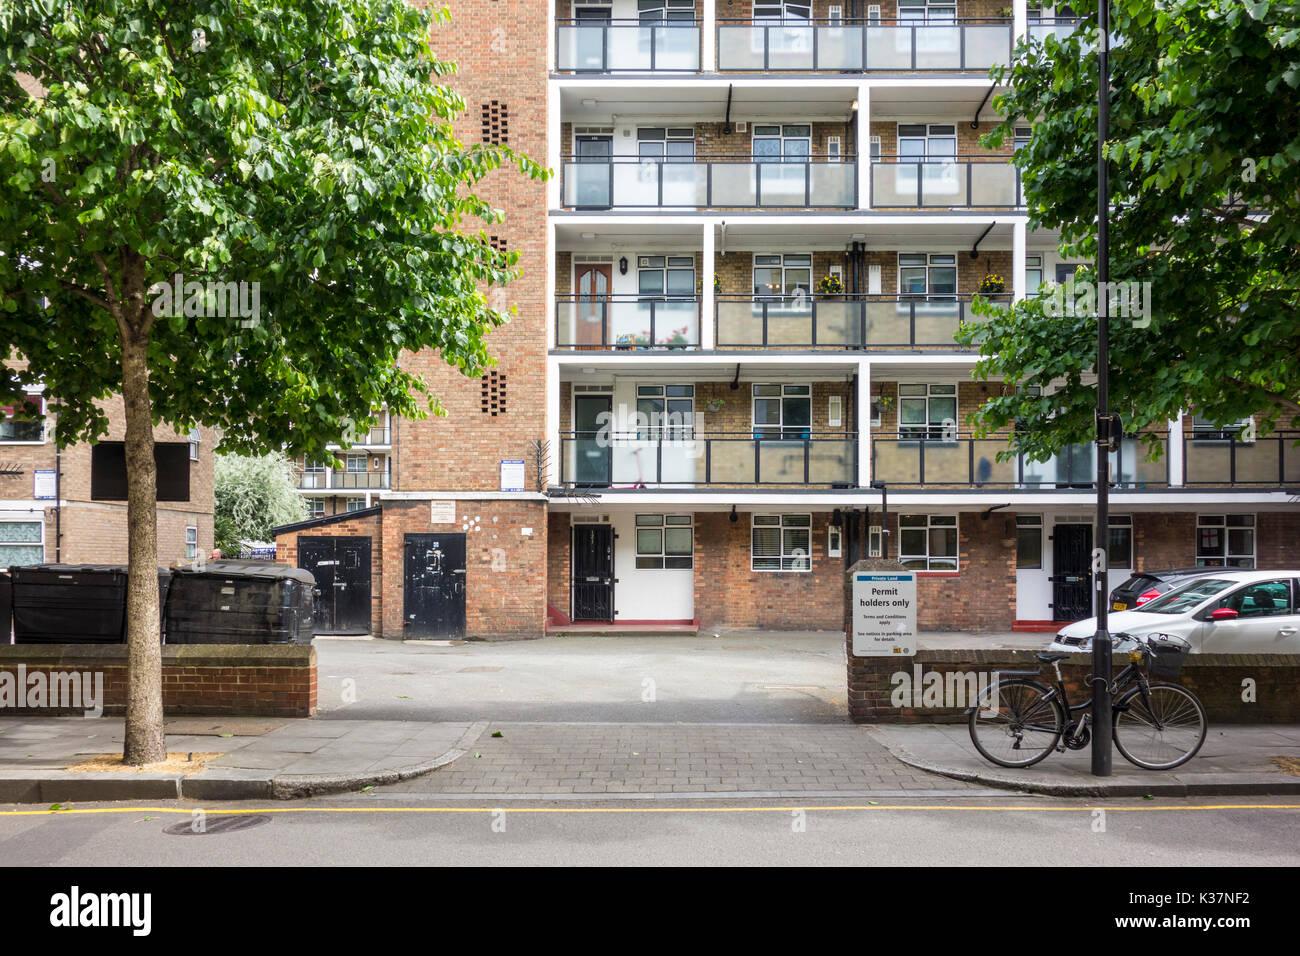 Peabody Immeubles, appartements, maisons, logements sociaux. Banner Street, London, UK Banque D'Images